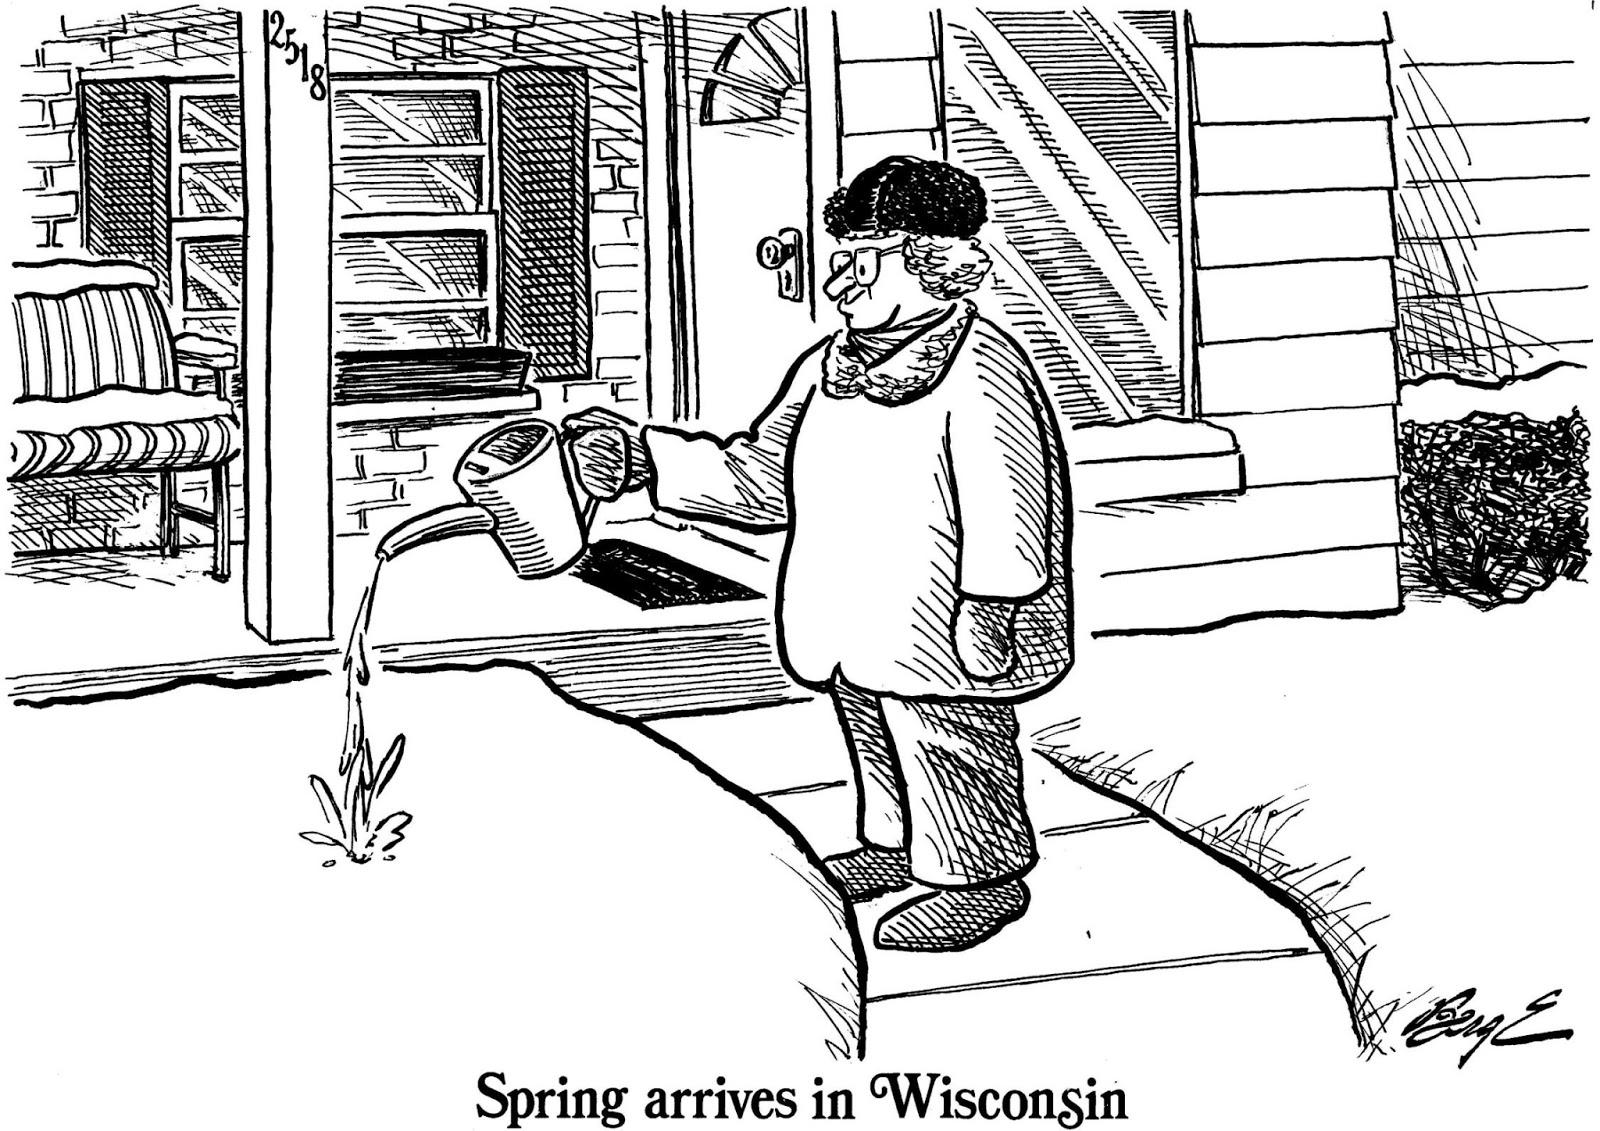 Berge's Cartoon Blog: Hath Spring Sprung?